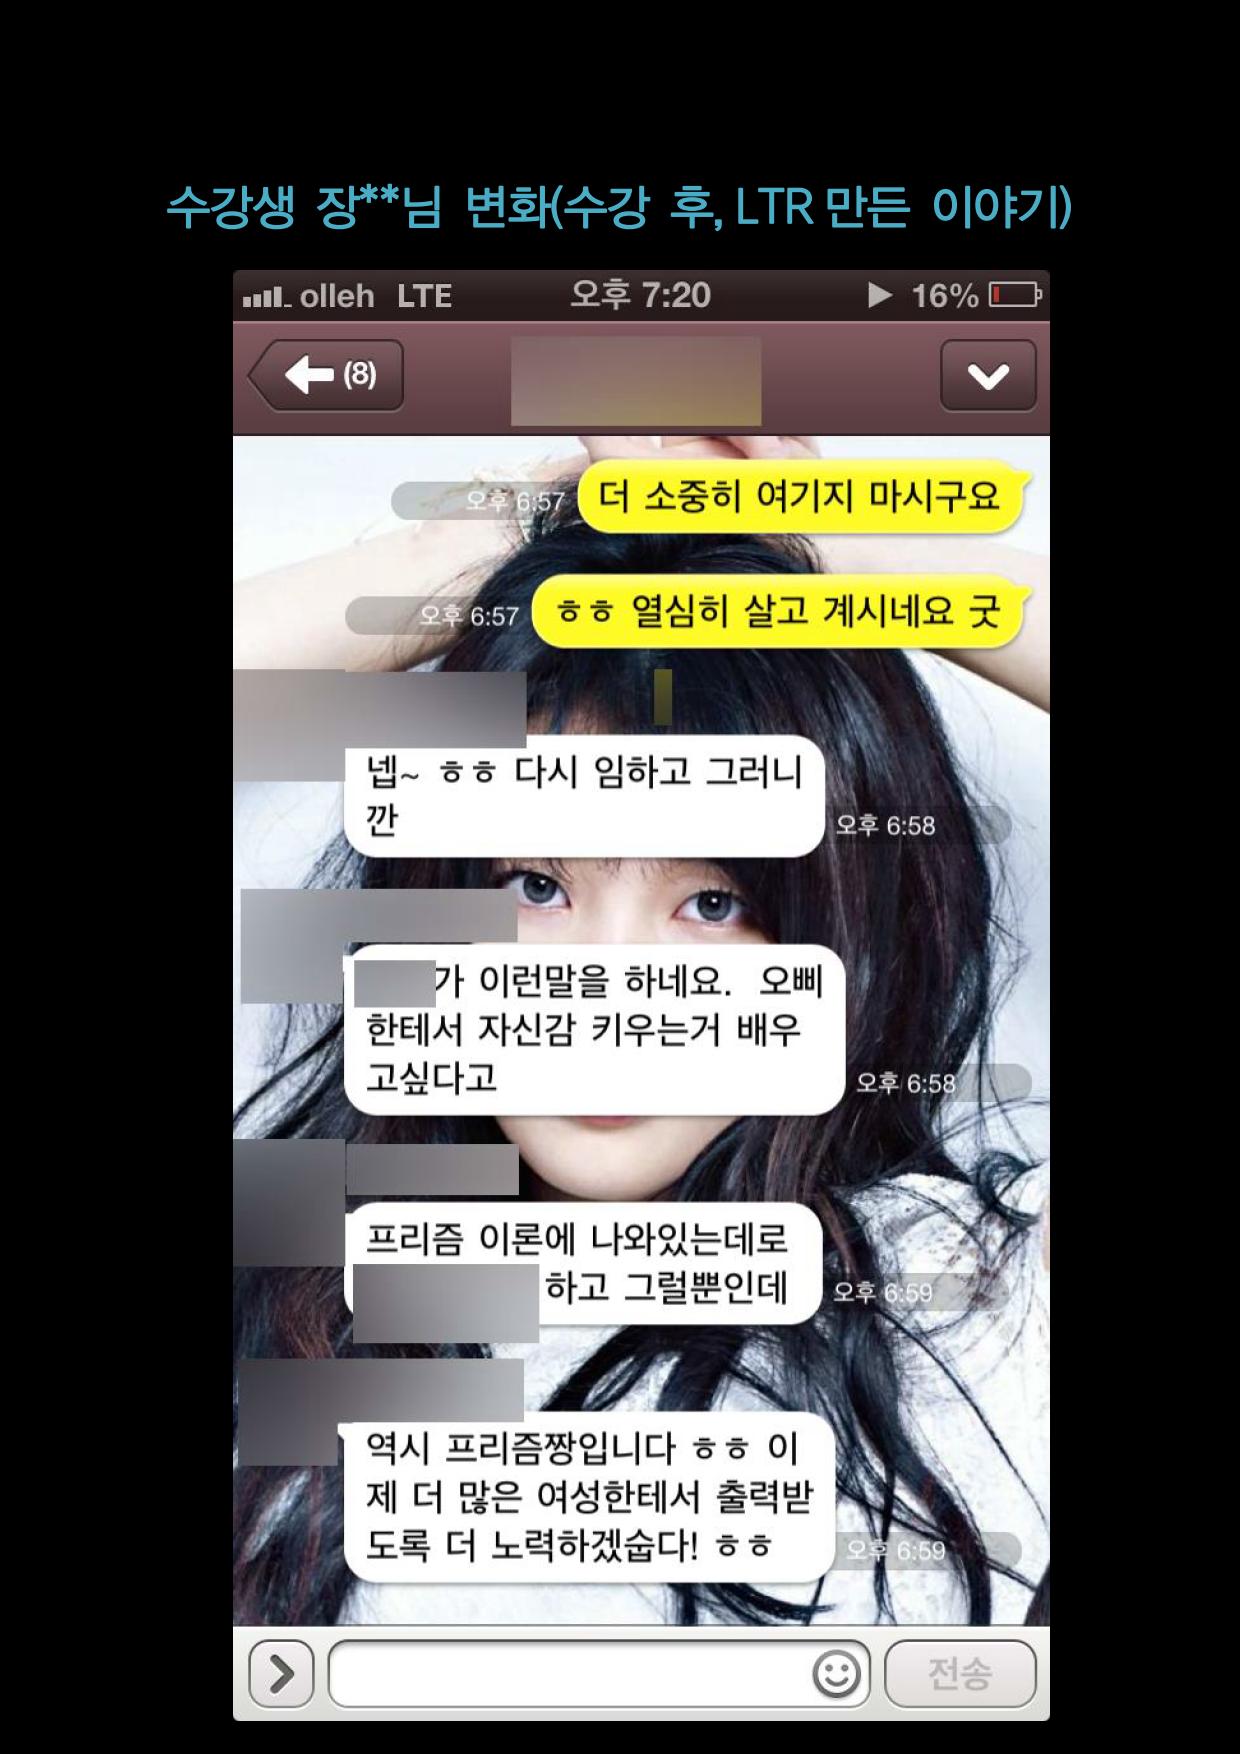 본 머티리어 1회차 홍보글 v3(수강후기 따로 편집요함)_22.png